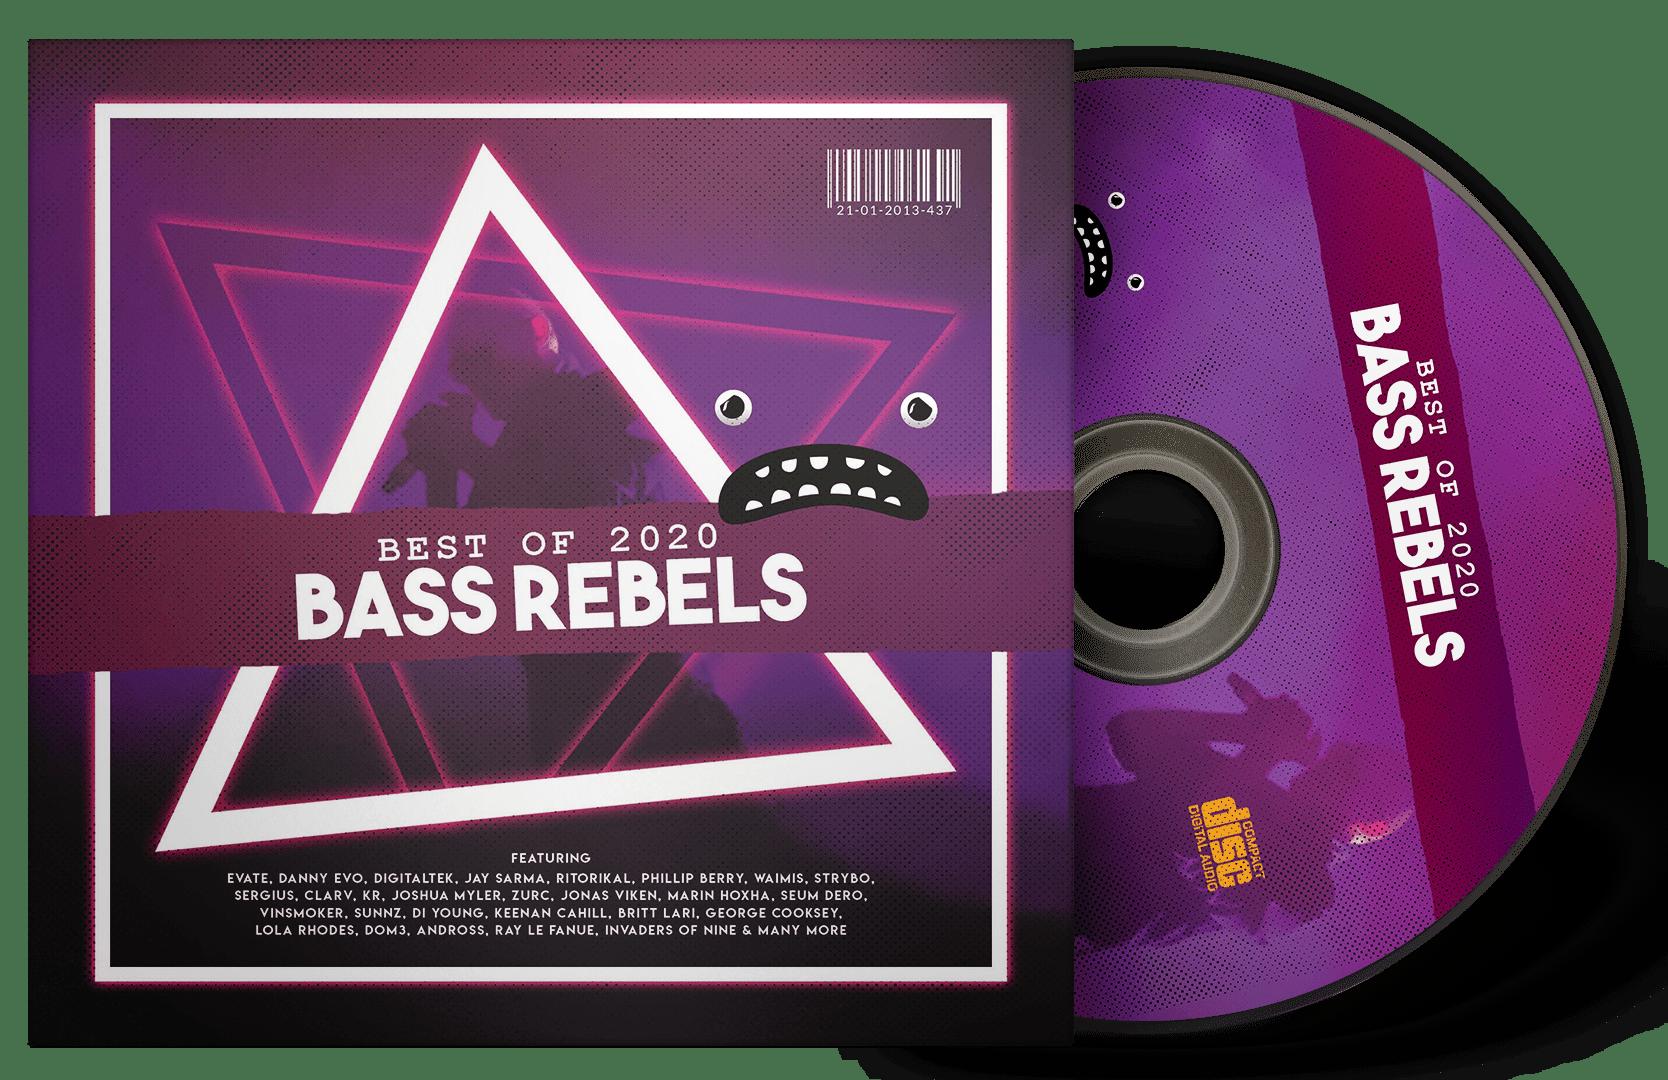 Bass Rebels Best Of 2020